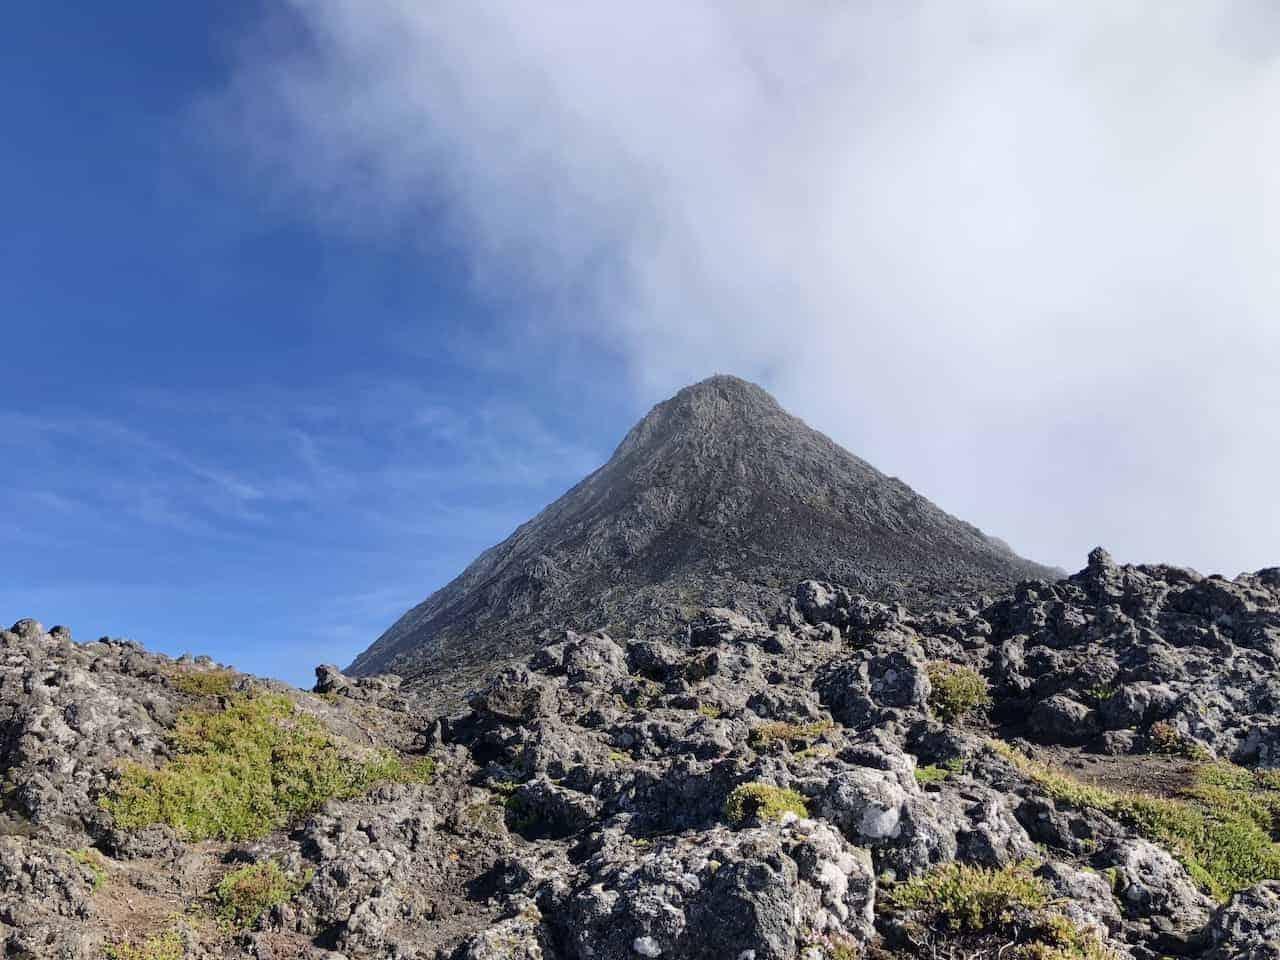 Mount Pico Piquinho